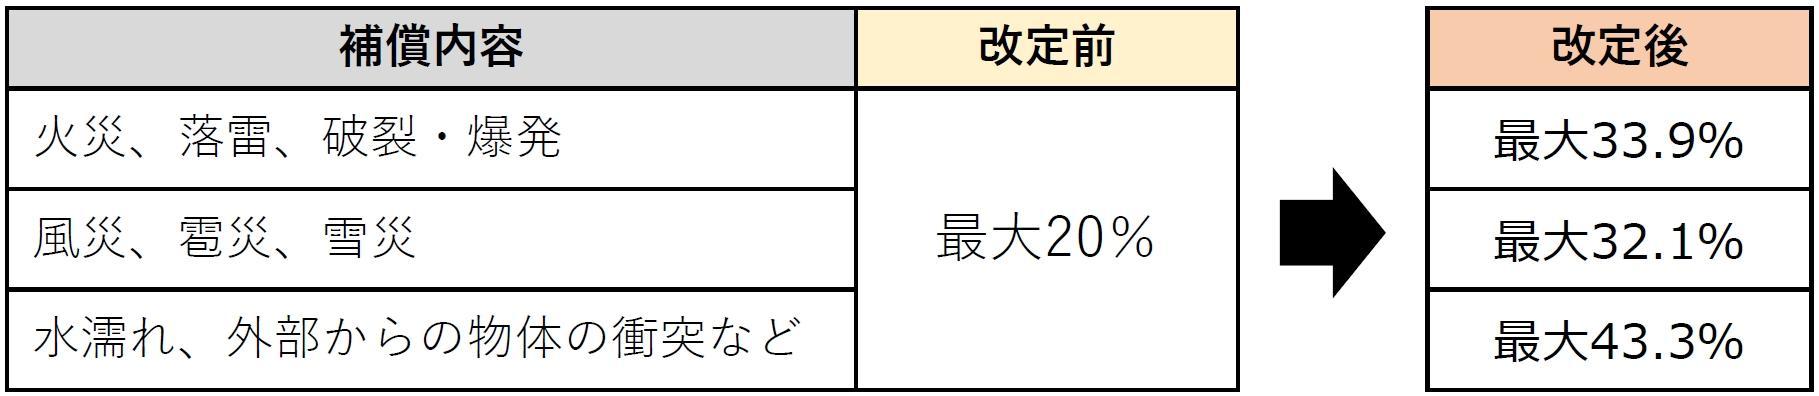 245373_01.JPG